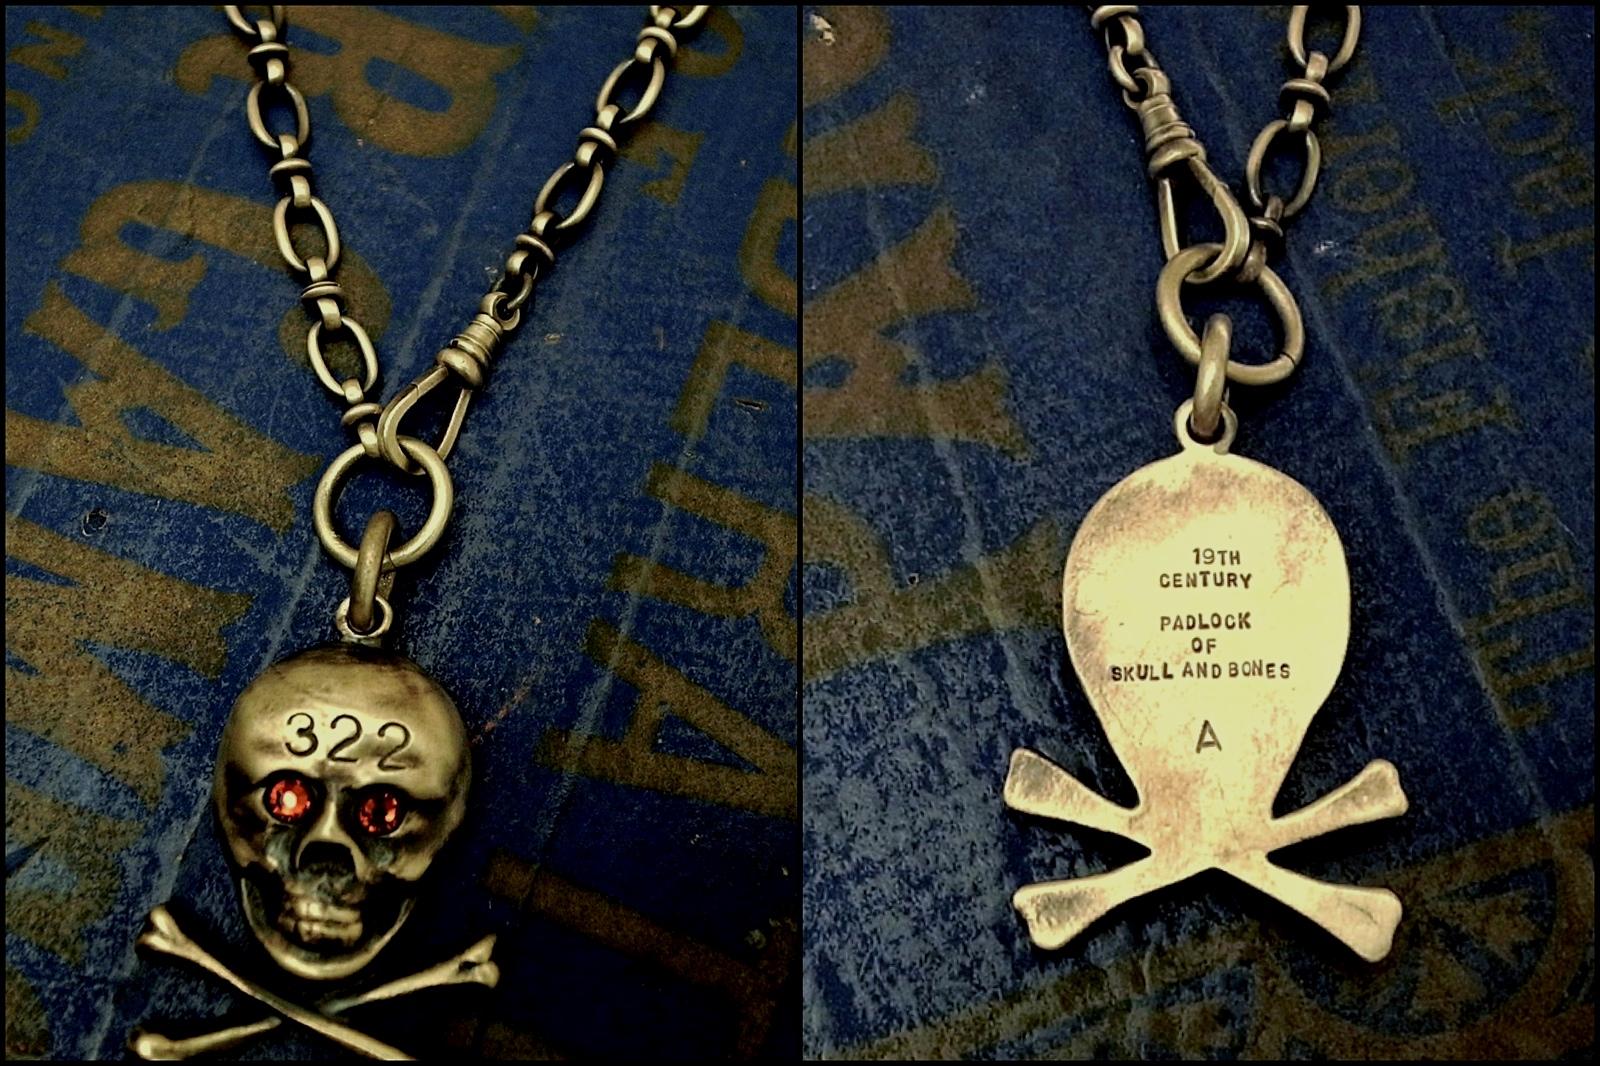 裏には19世紀の南京錠のデザインである事を意味する刻印【322】